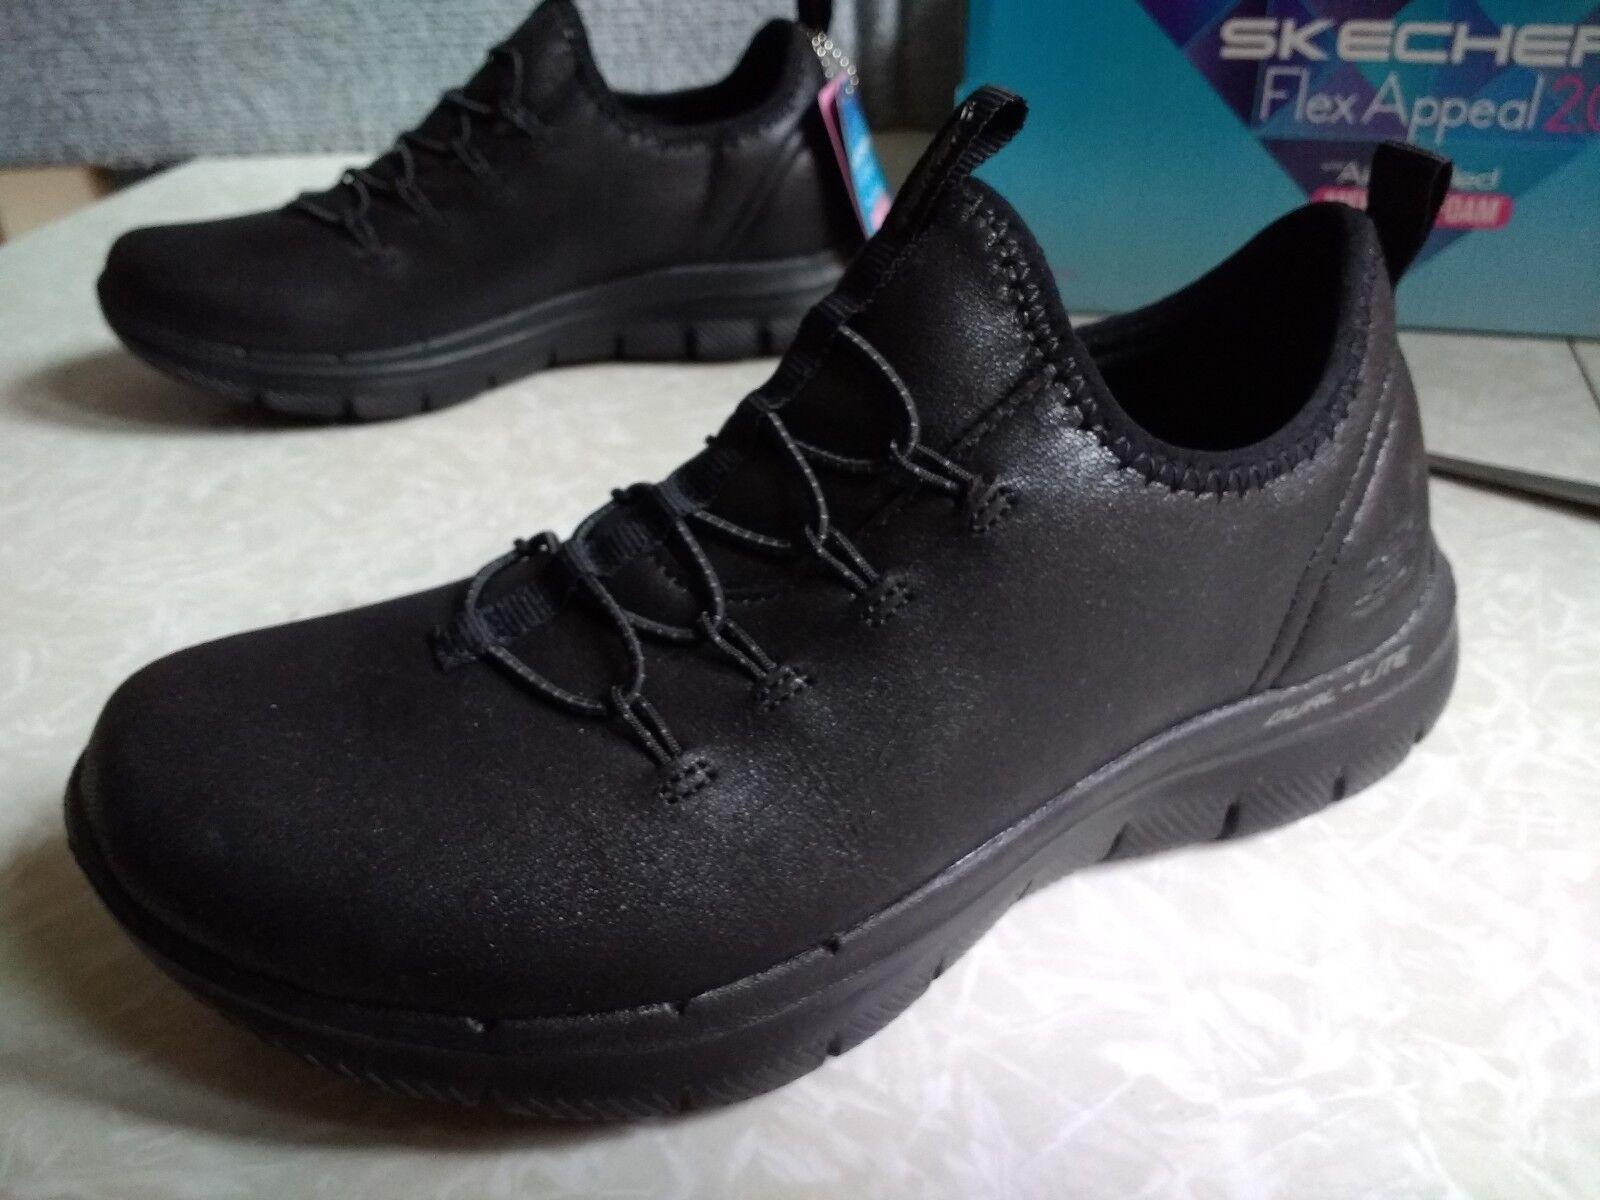 NWT, Womens Skechers Sport Flex Appeal 2.0 Top Story Sneaker